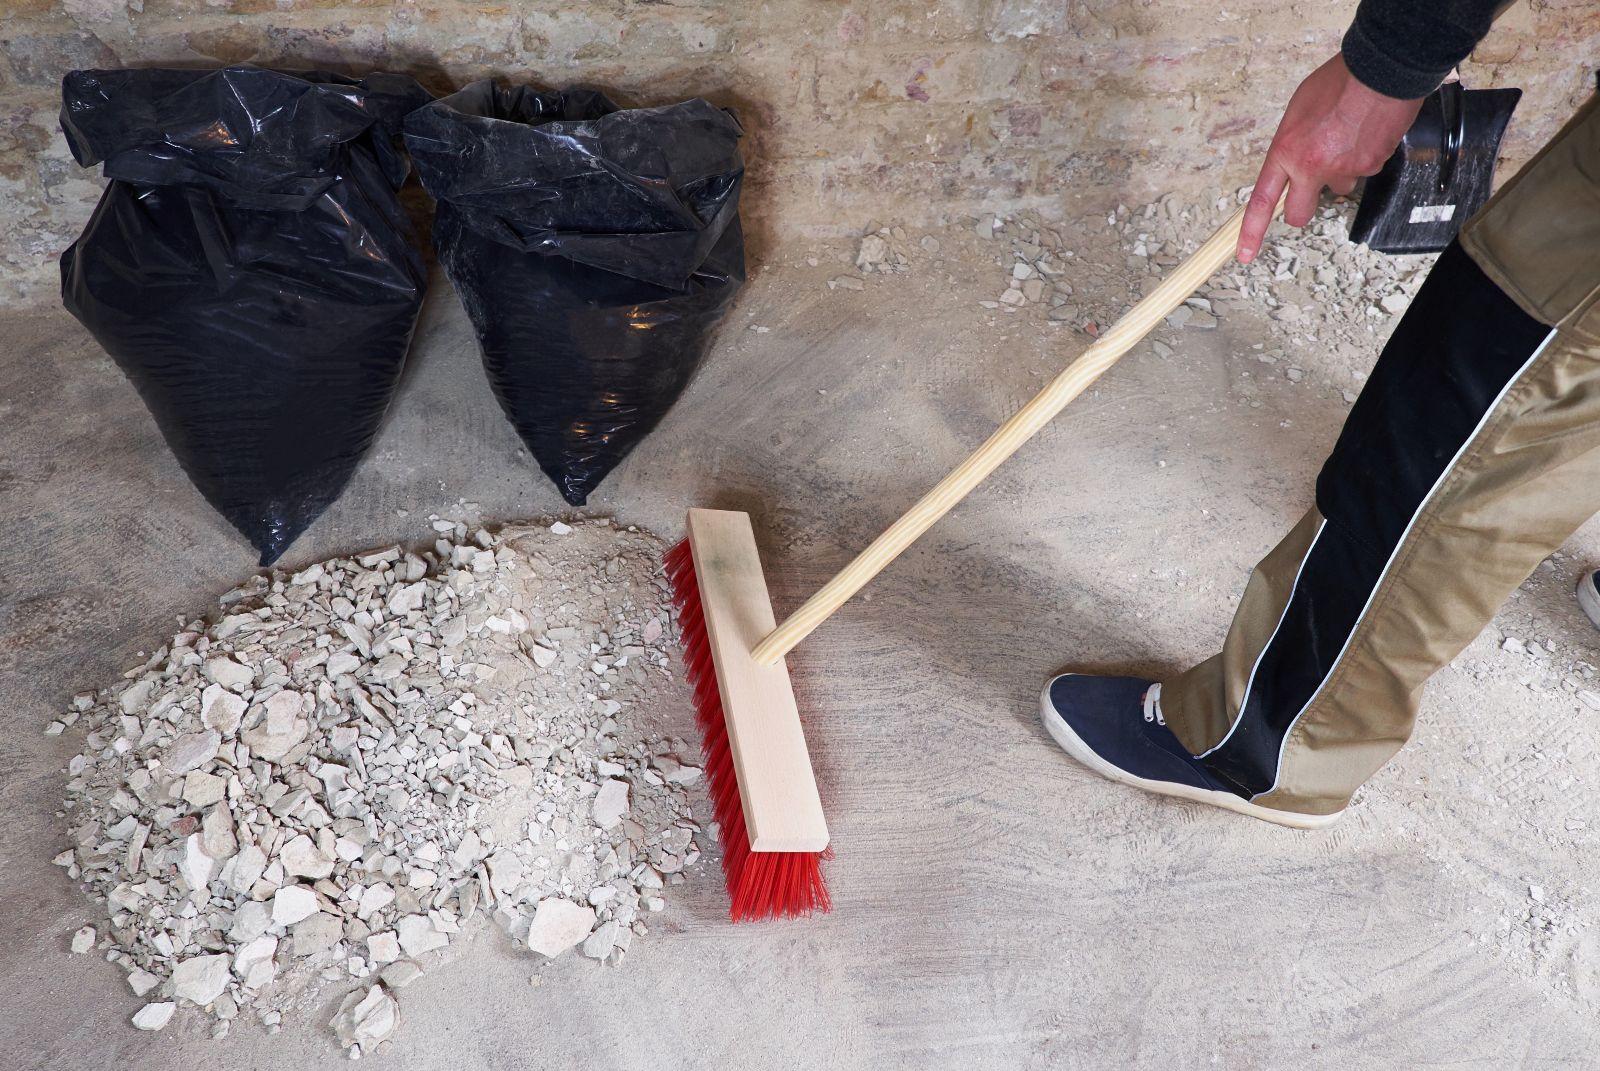 Baureinigung: Baugrobreinigung, Bauendreinigung und Baufeinreinigung